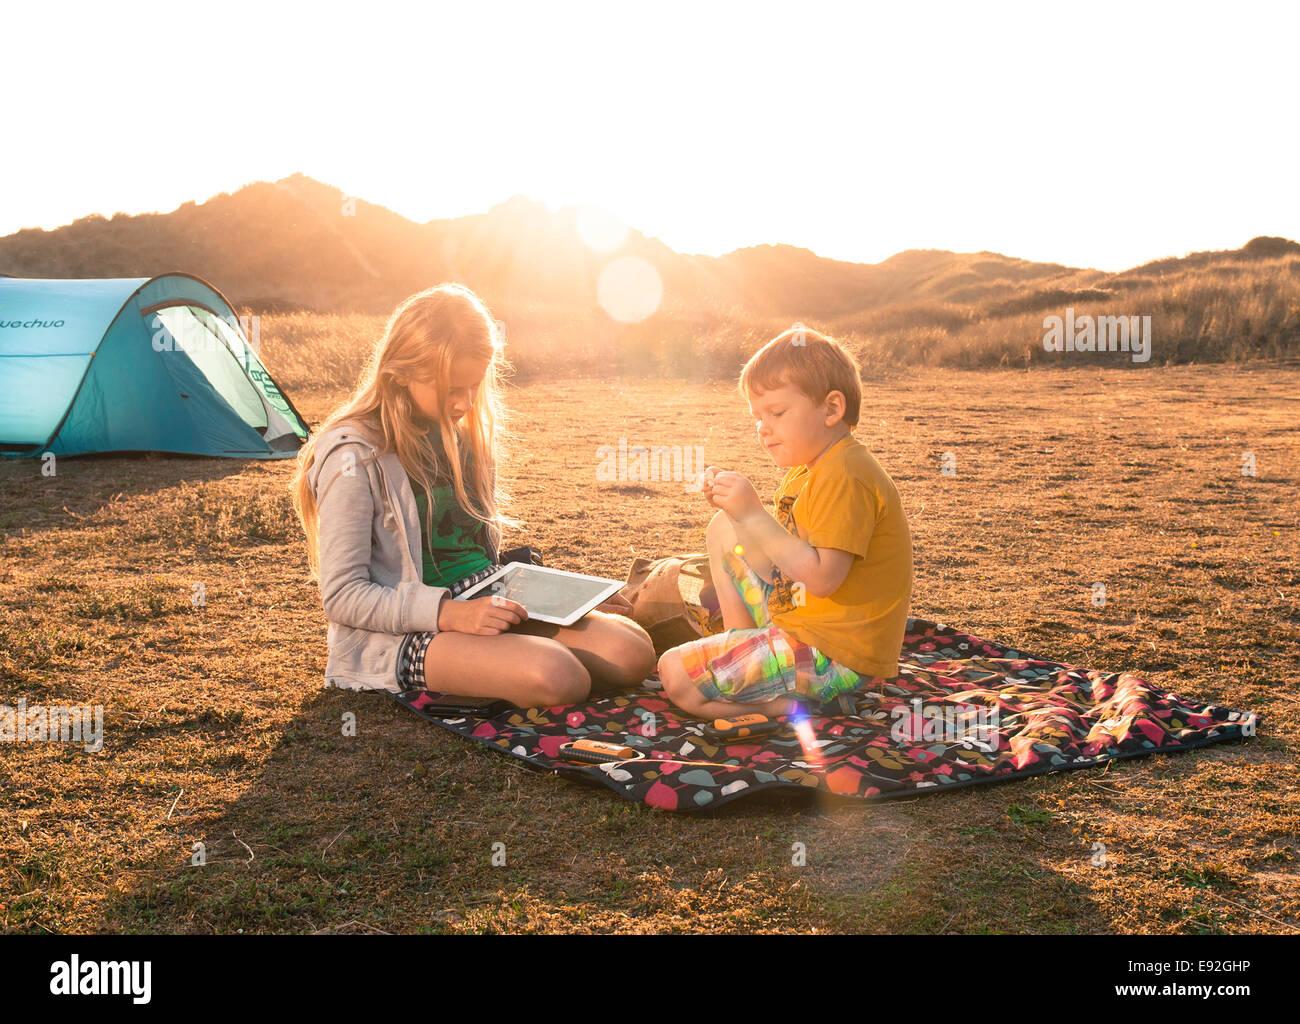 Les enfants camping à couverture de pique-nique avec l'ipad en été. Frère et sœur camp holiday Photo Stock